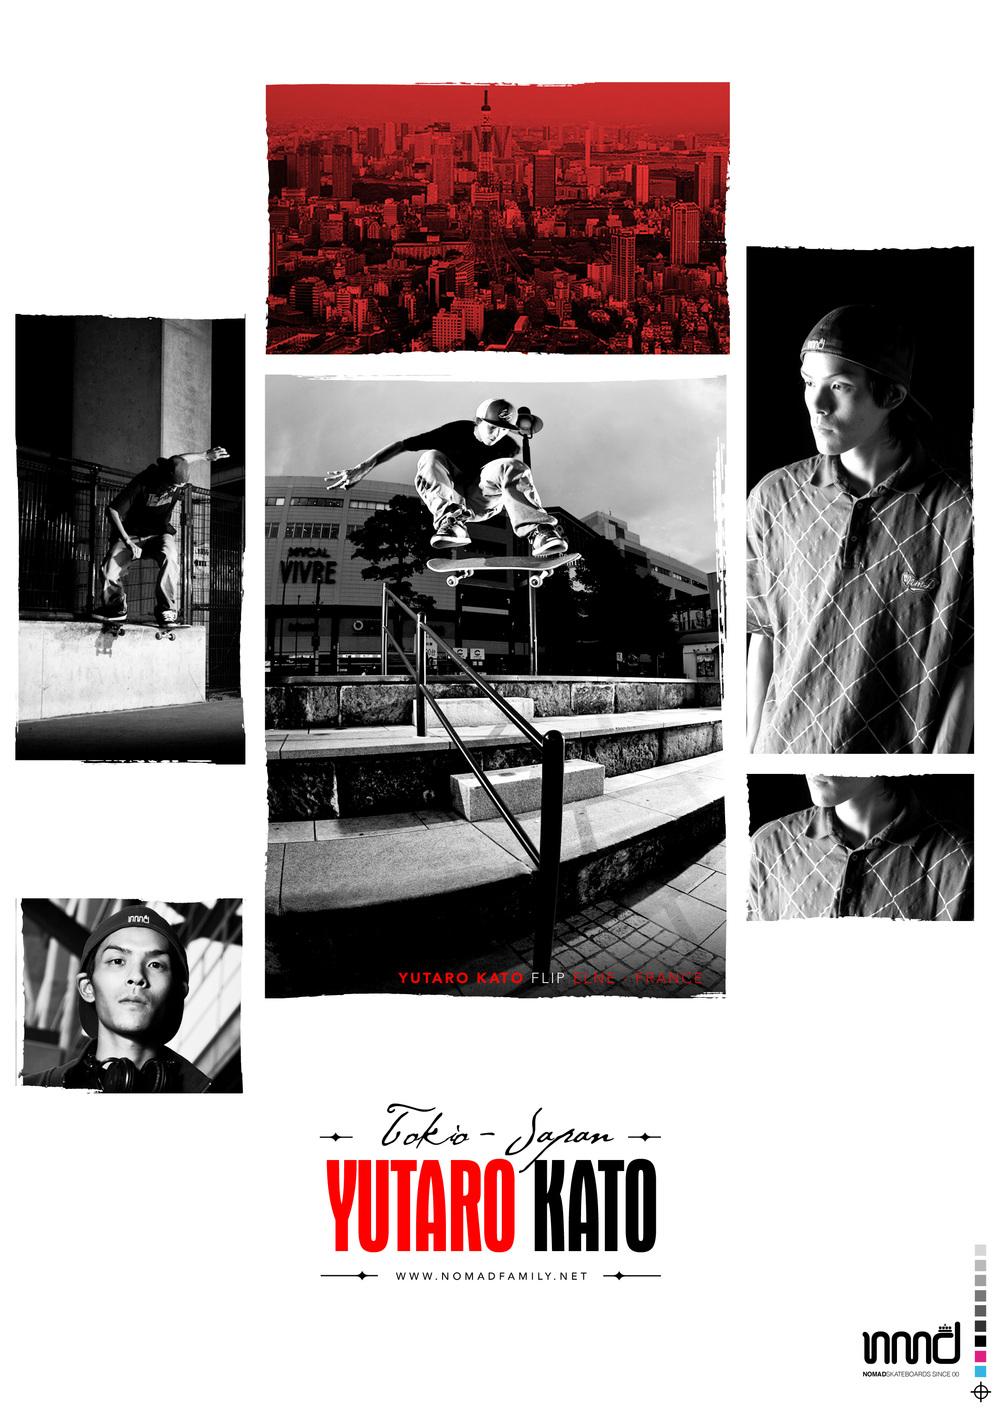 05Yutaro Kato.jpg